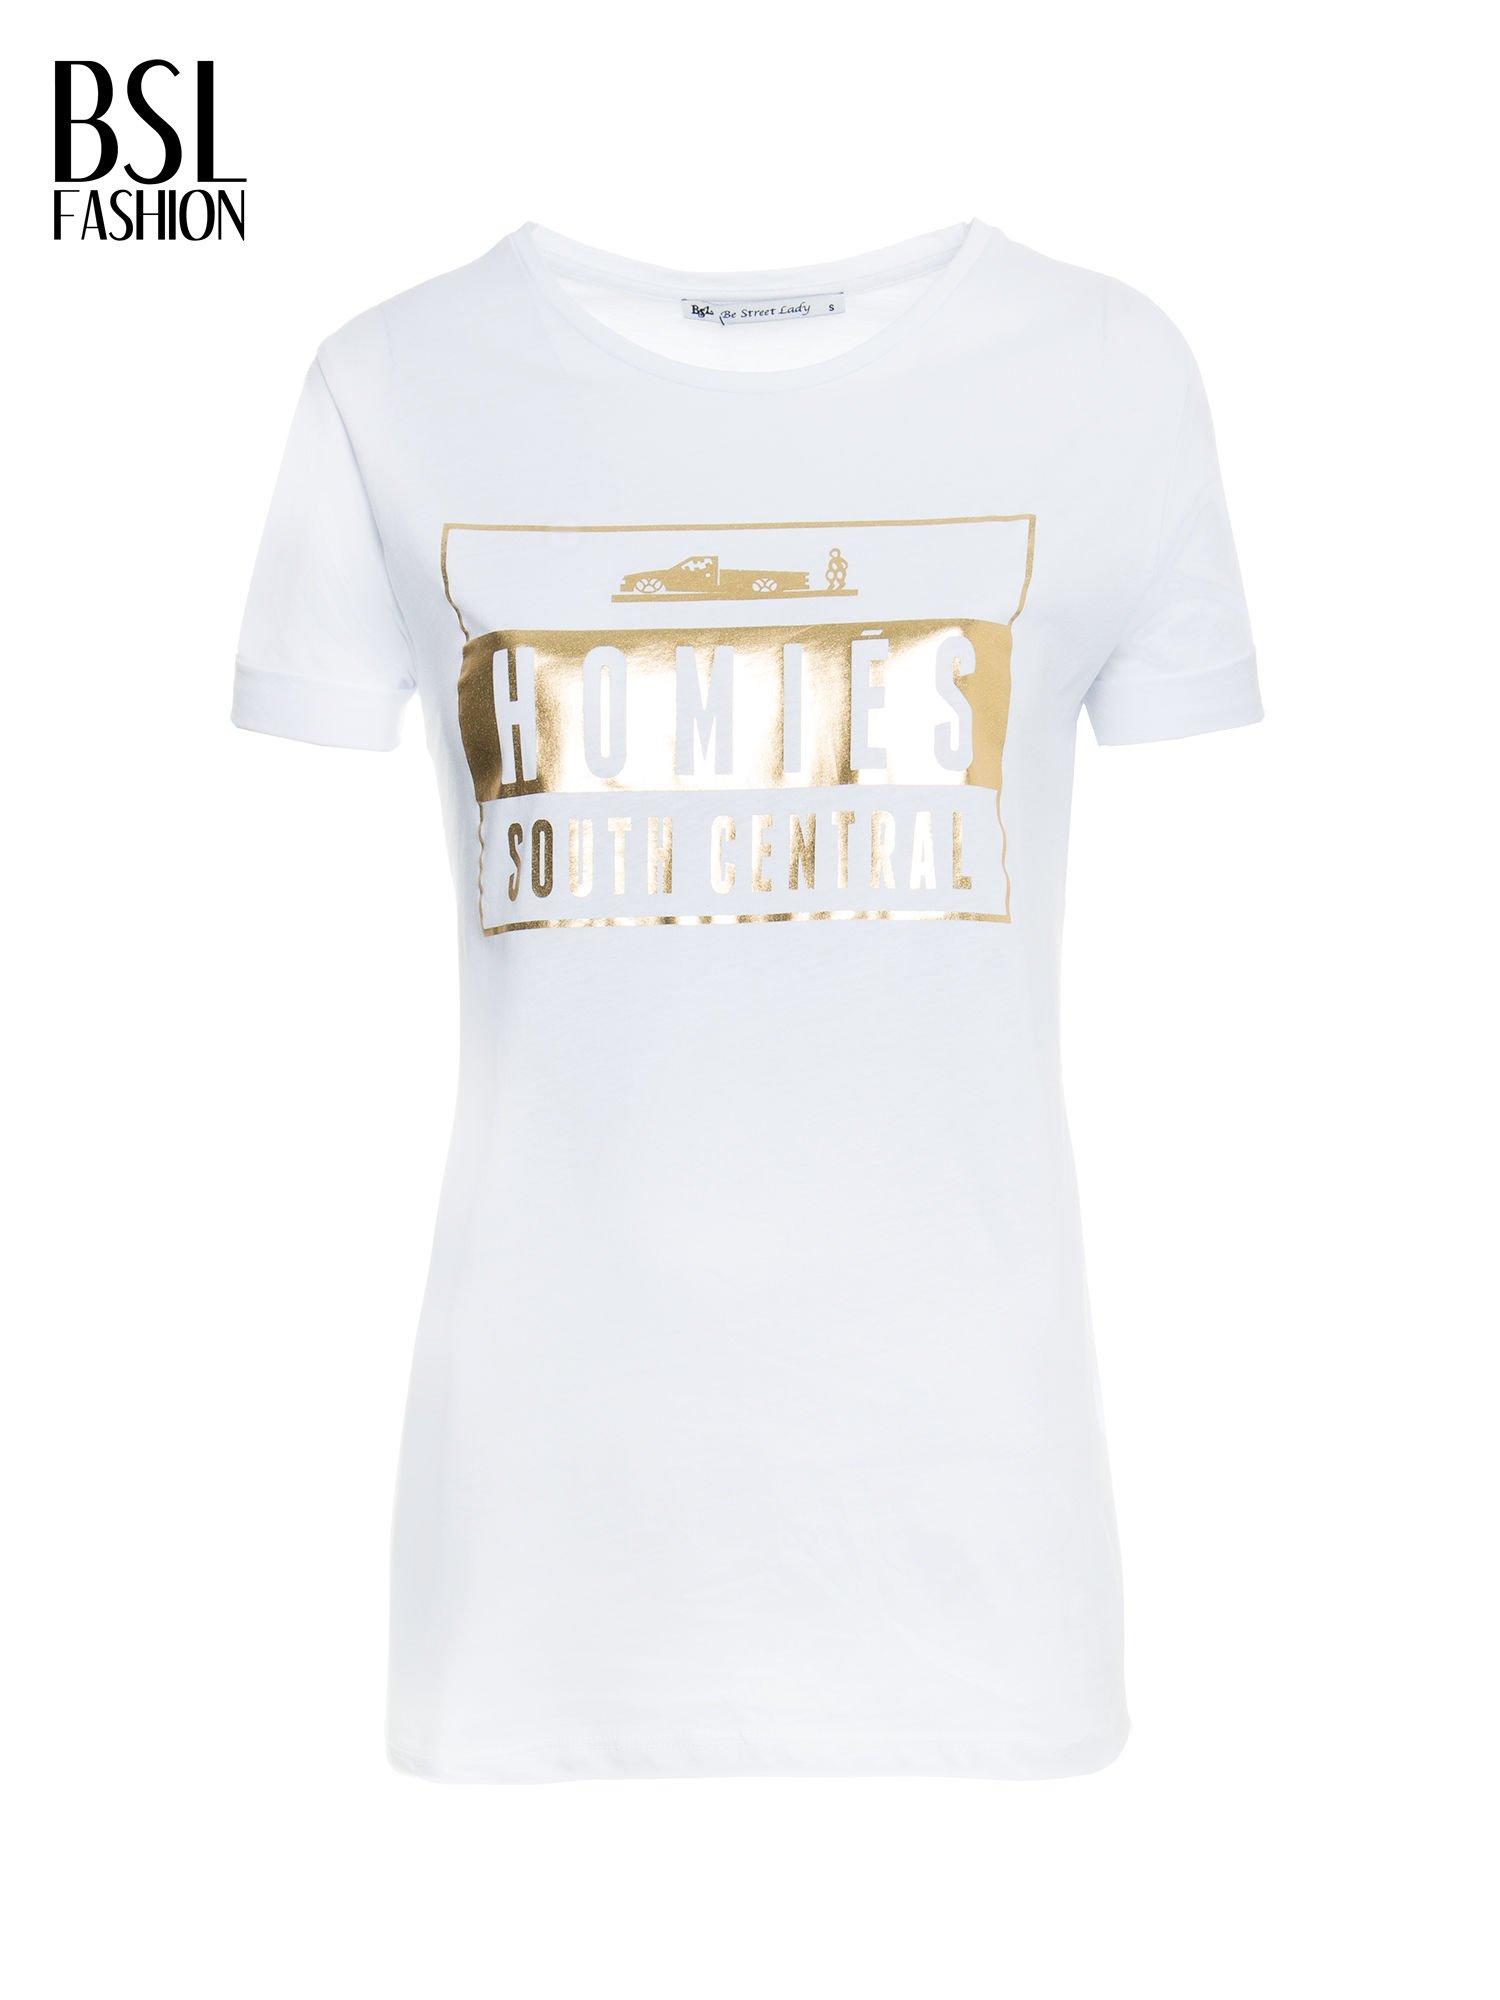 Biały t-shirt ze złotym napisem HOMIES SOUTH CENTRAL                                  zdj.                                  2